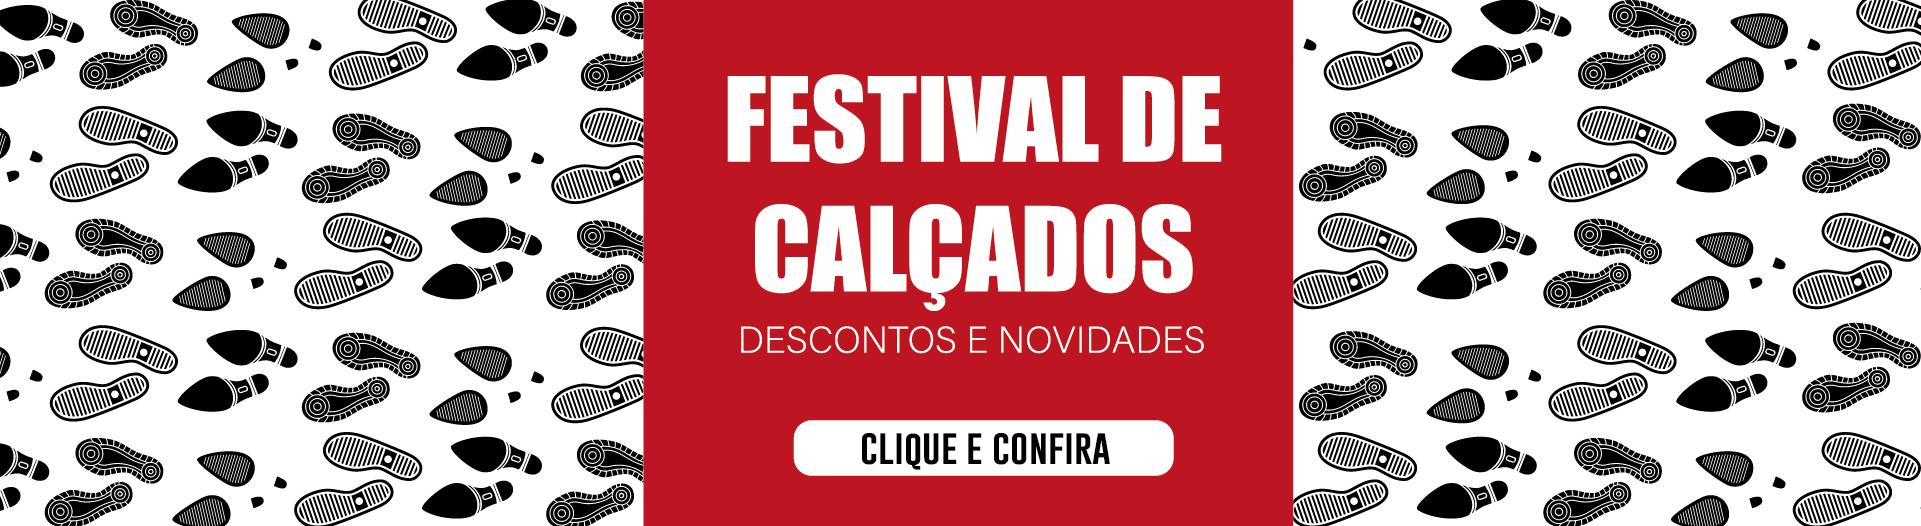 festival-calçados-DESK